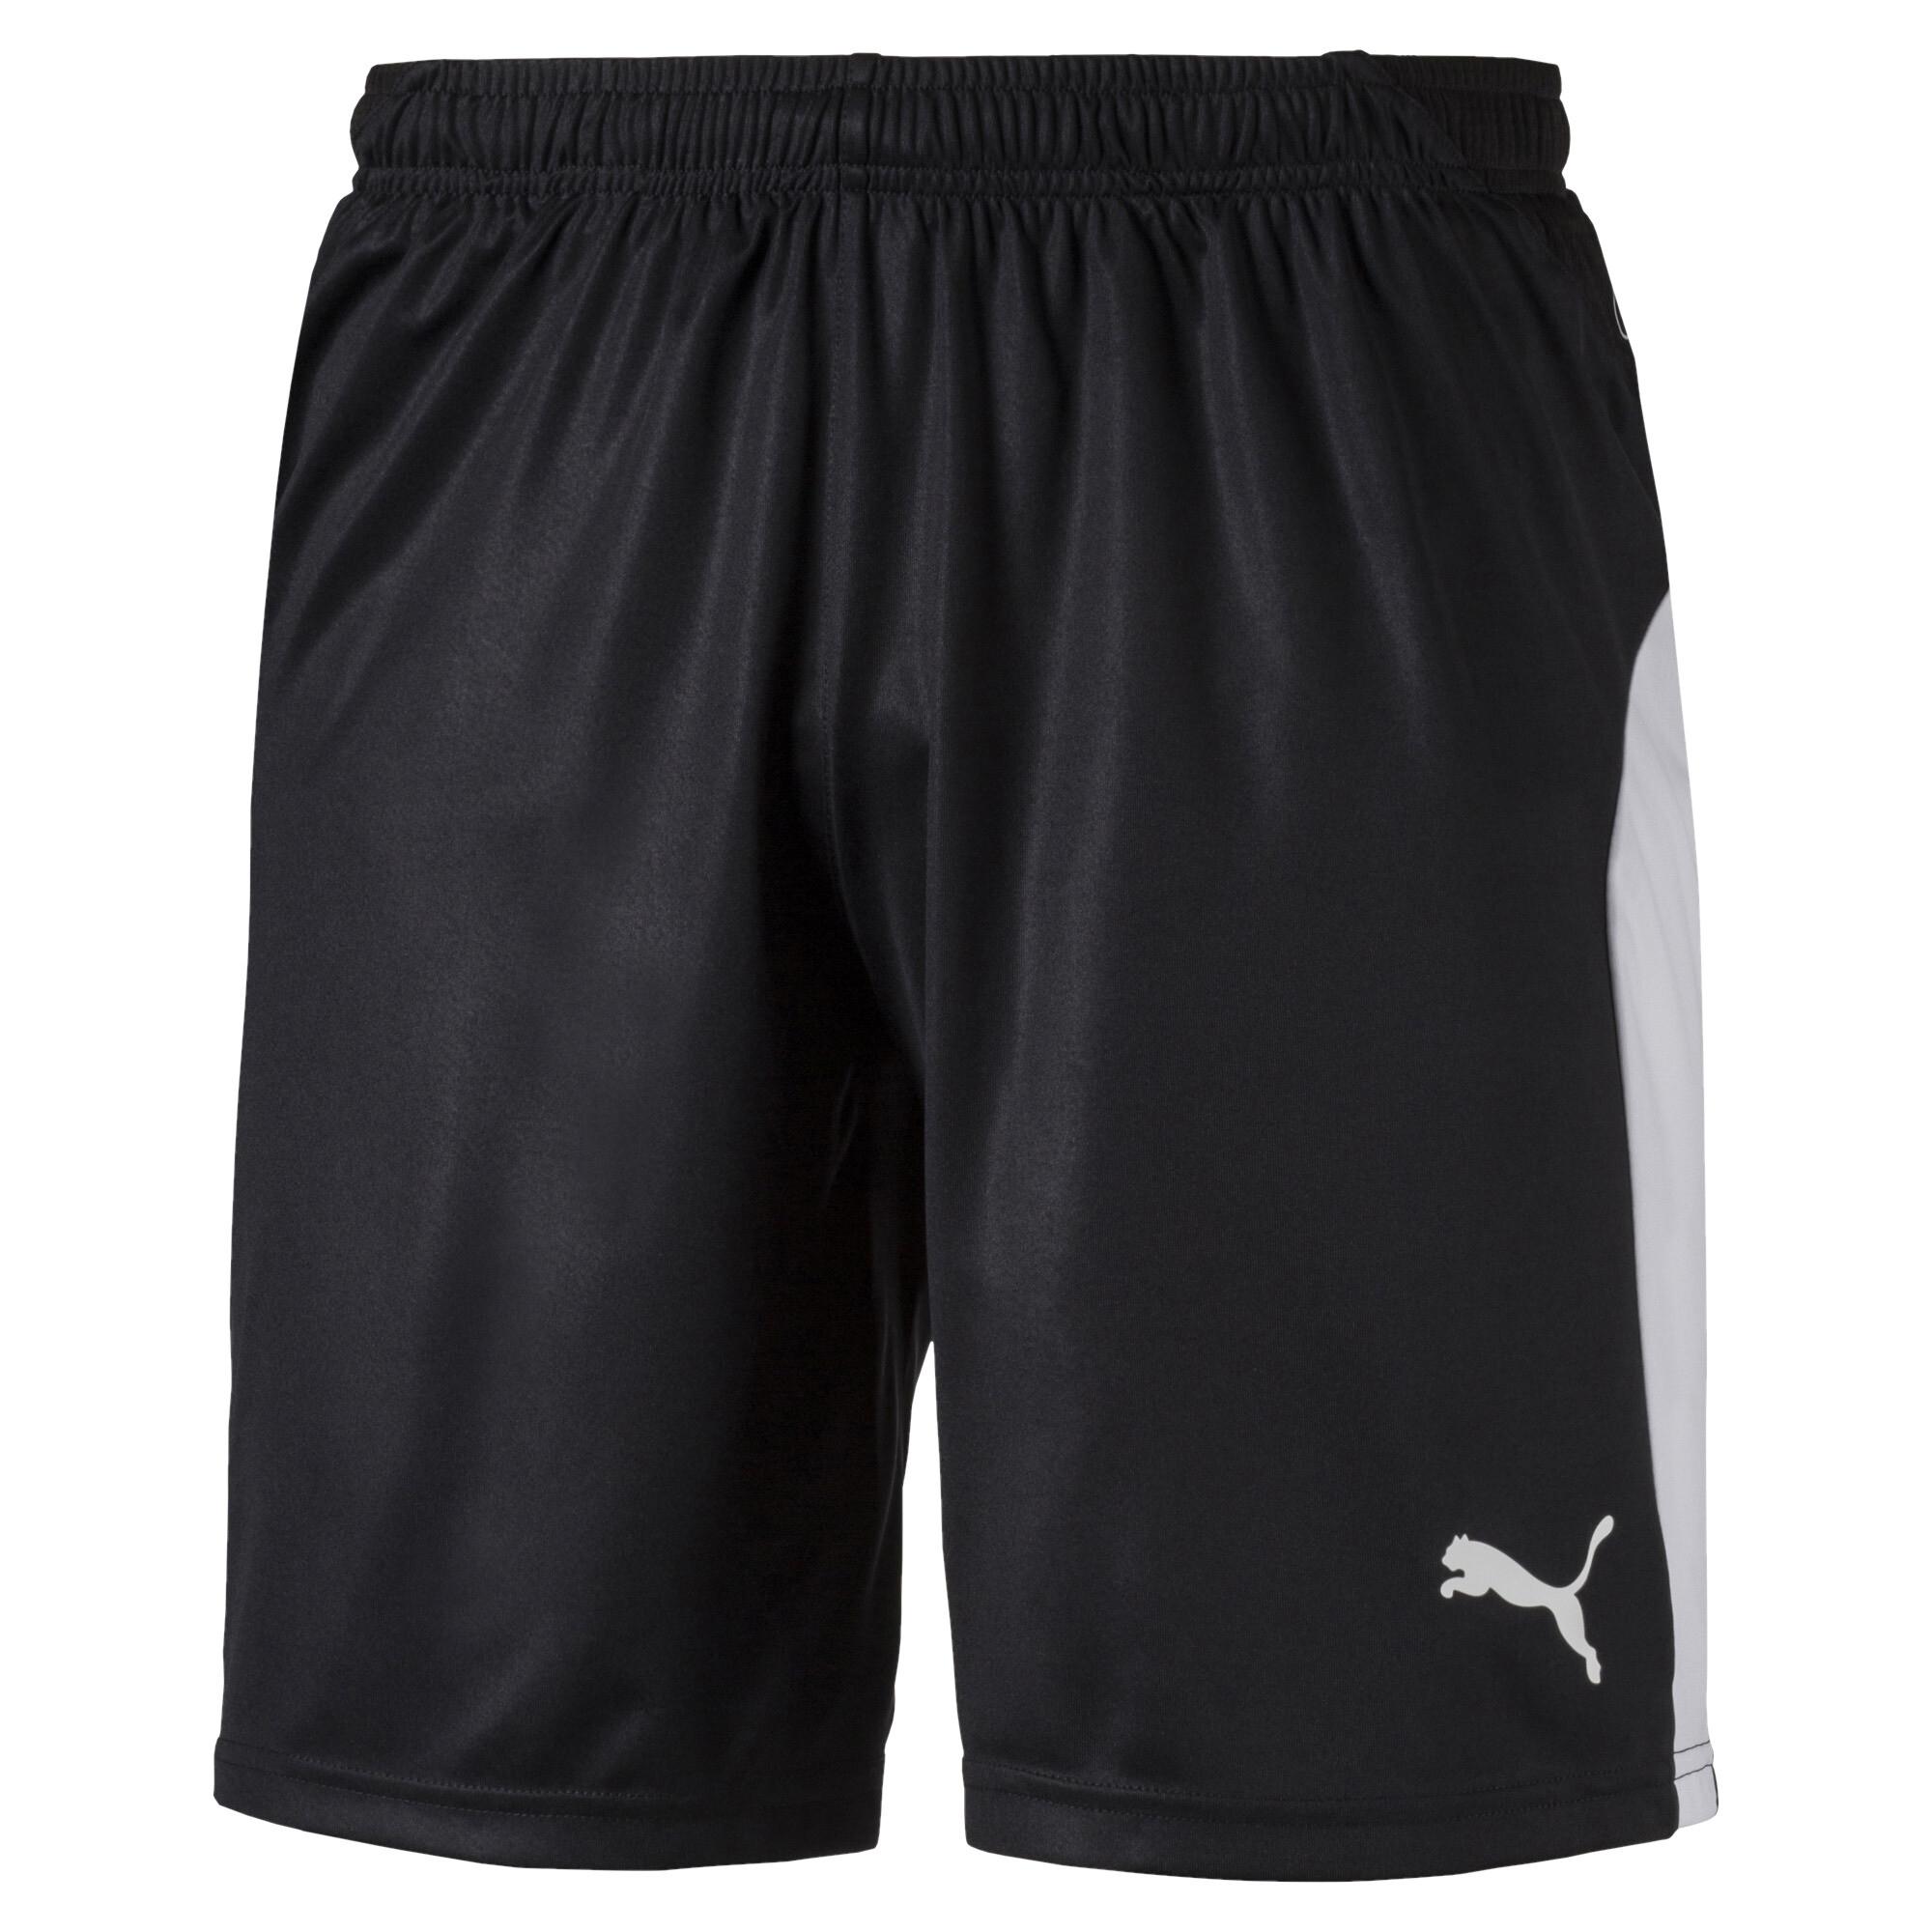 【プーマ公式通販】 プーマ LIGA ゲームパンツ メンズ Puma Black-Puma White |PUMA.com